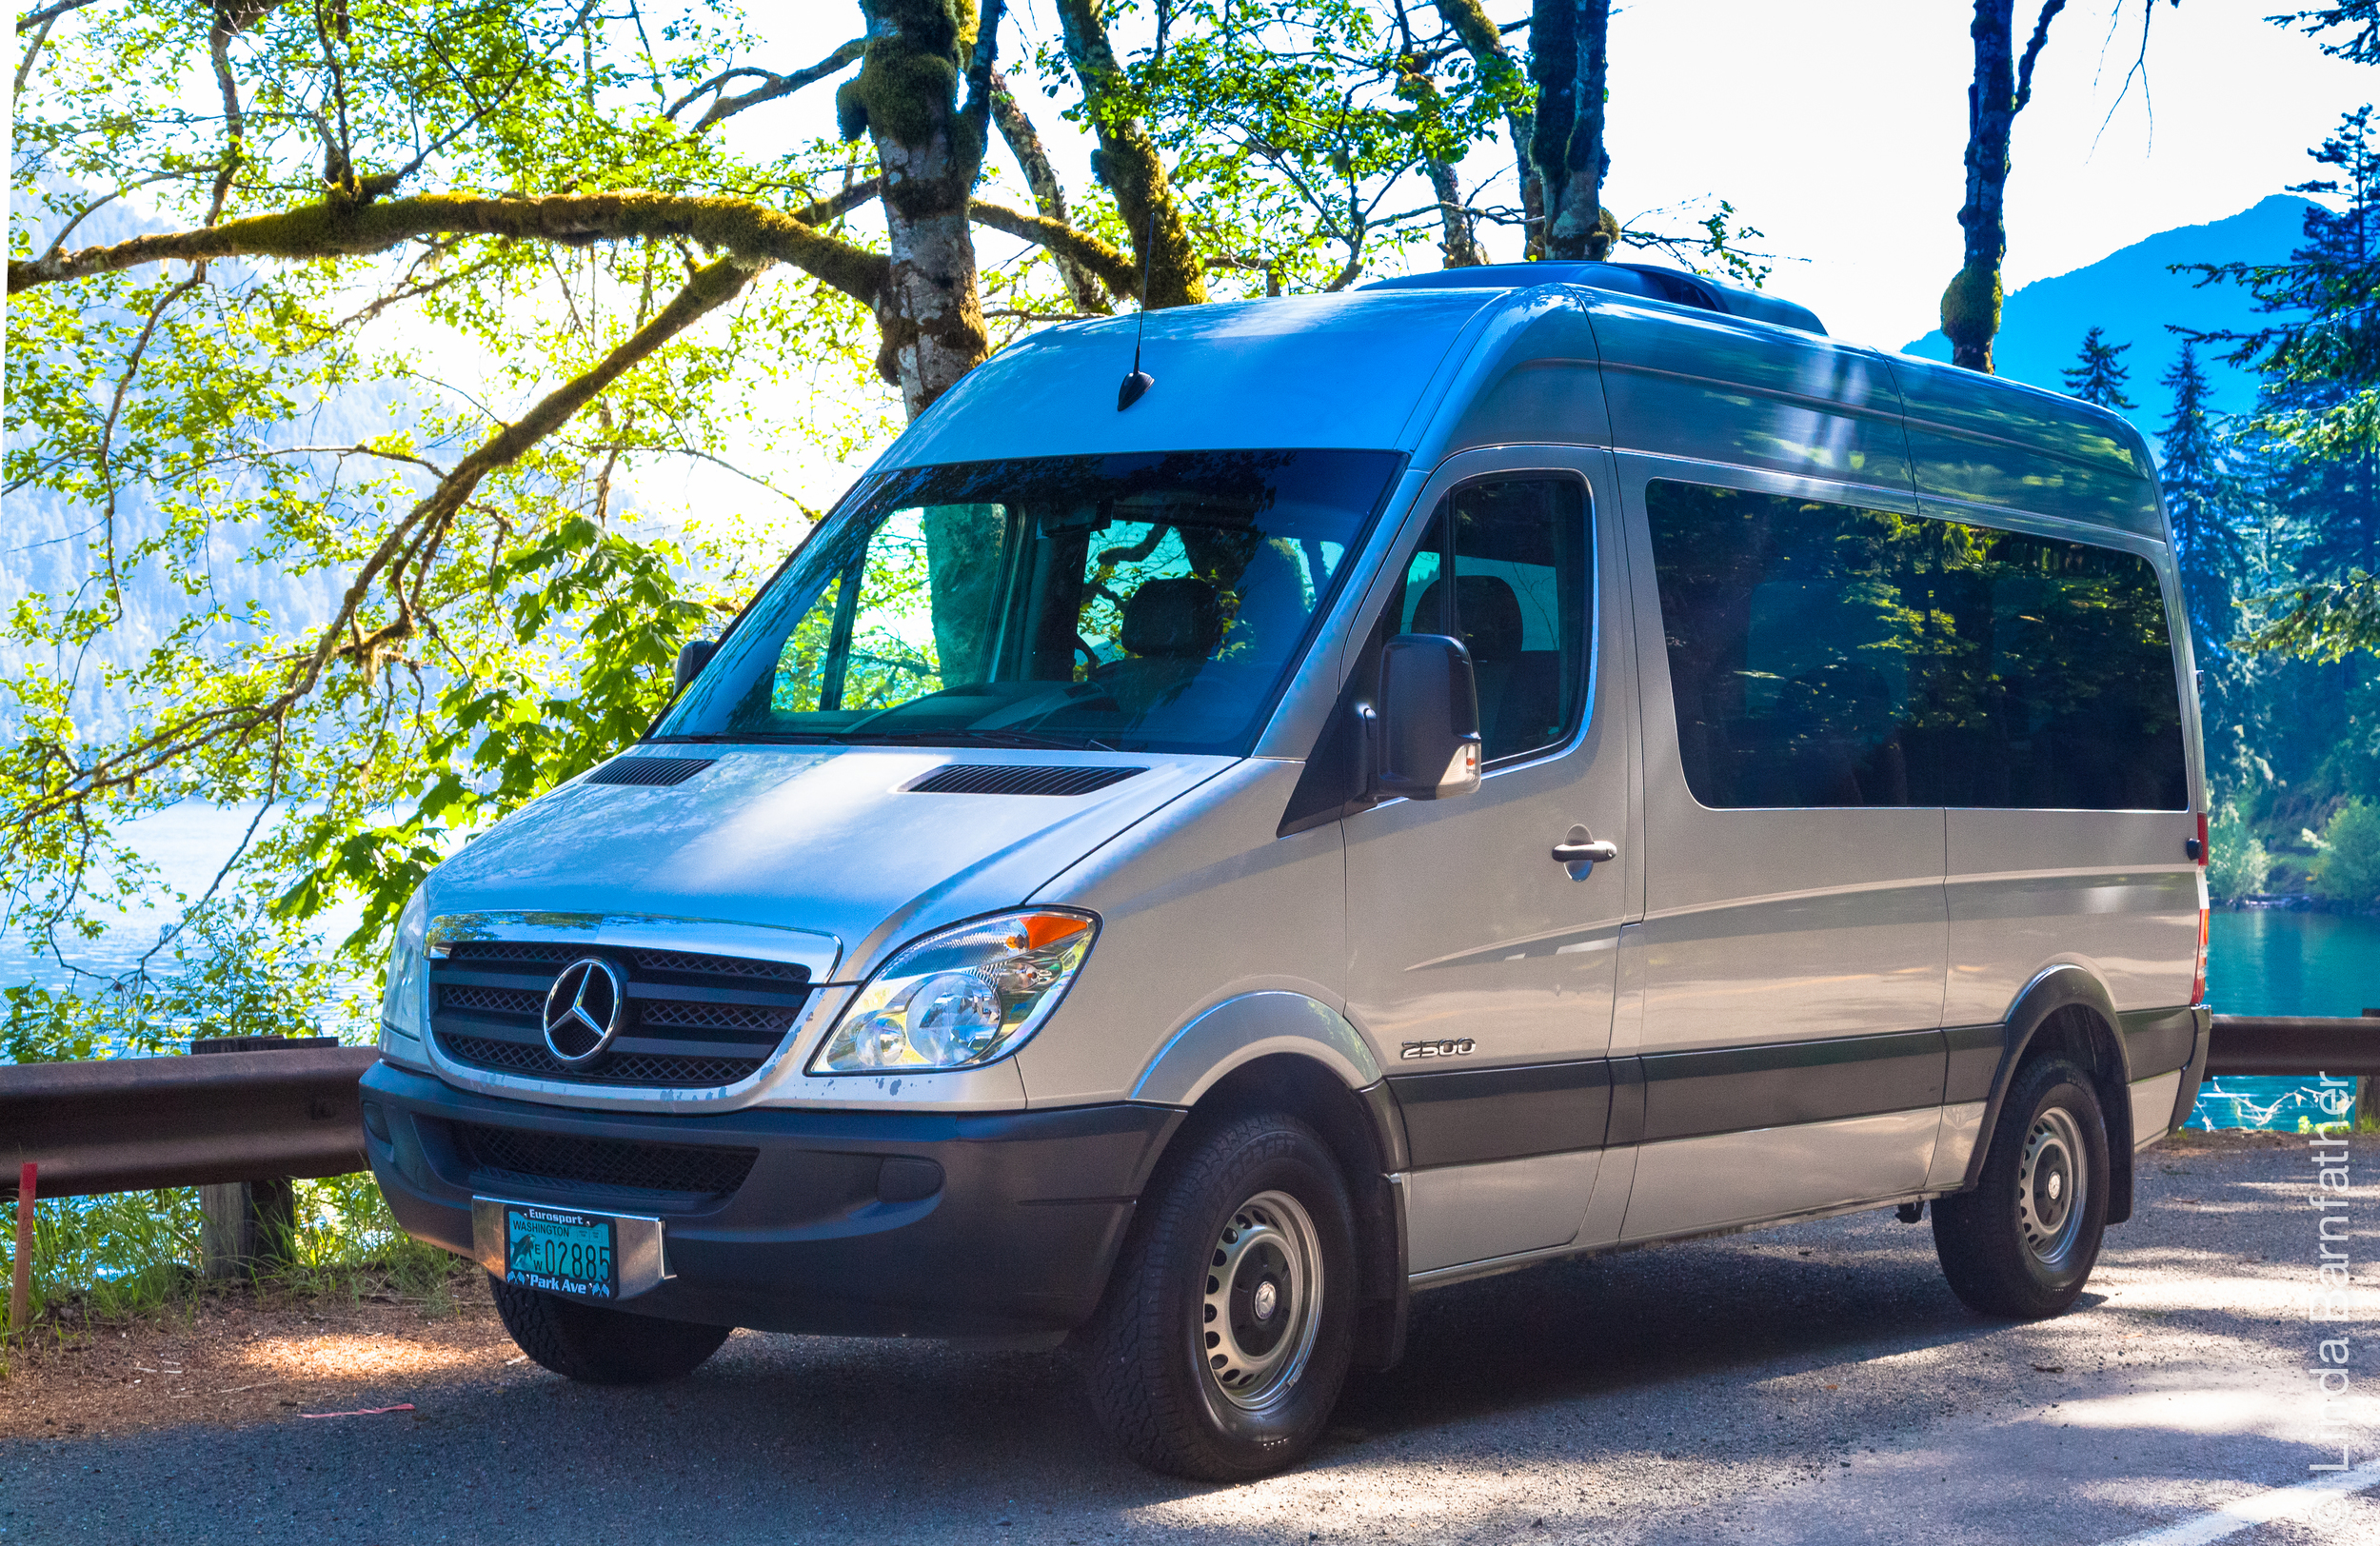 Our Van at Lake Crescent